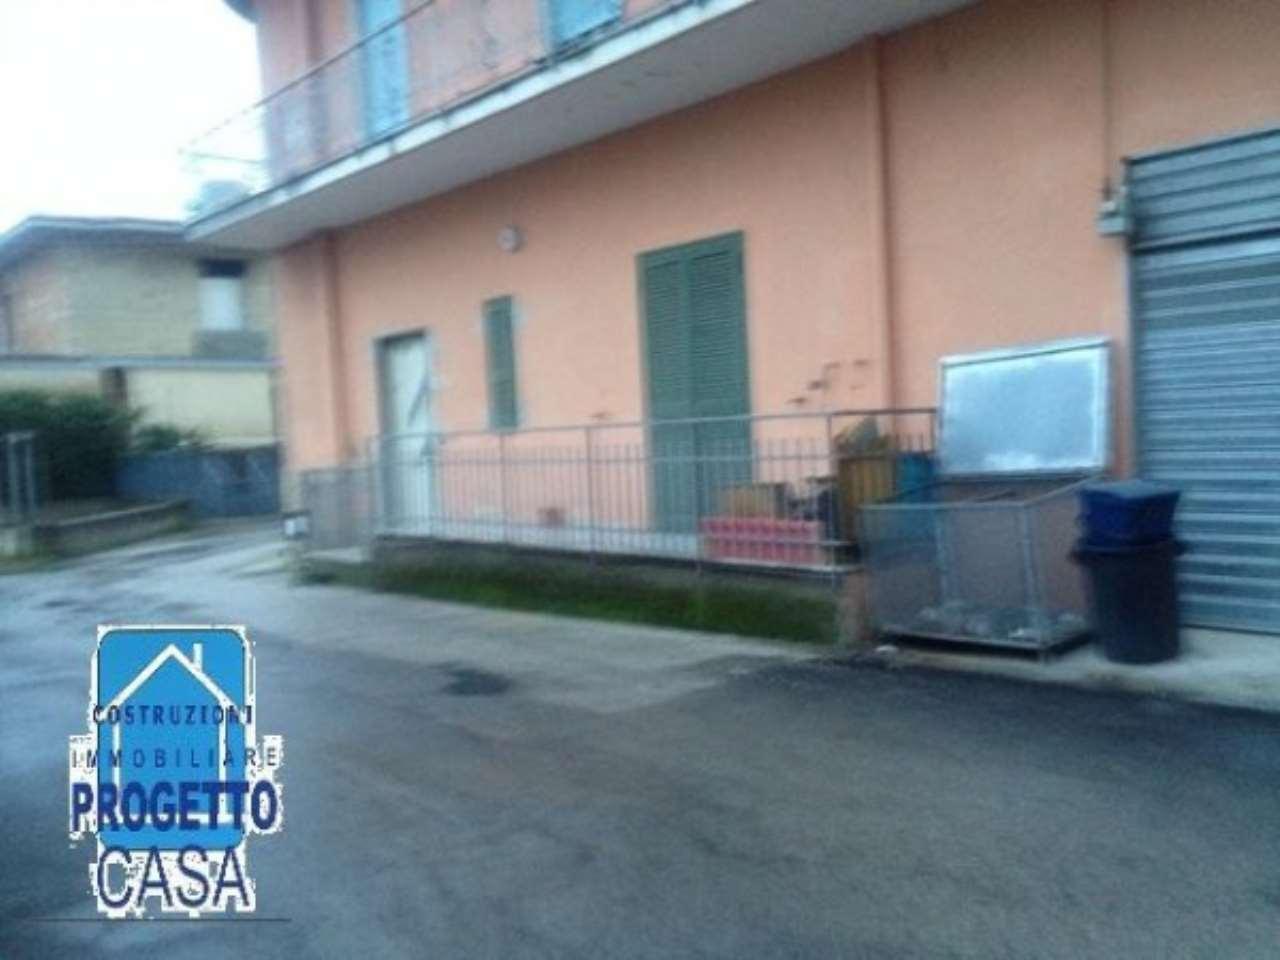 Appartamento in vendita a Saviano, 4 locali, prezzo € 120.000 | Cambio Casa.it